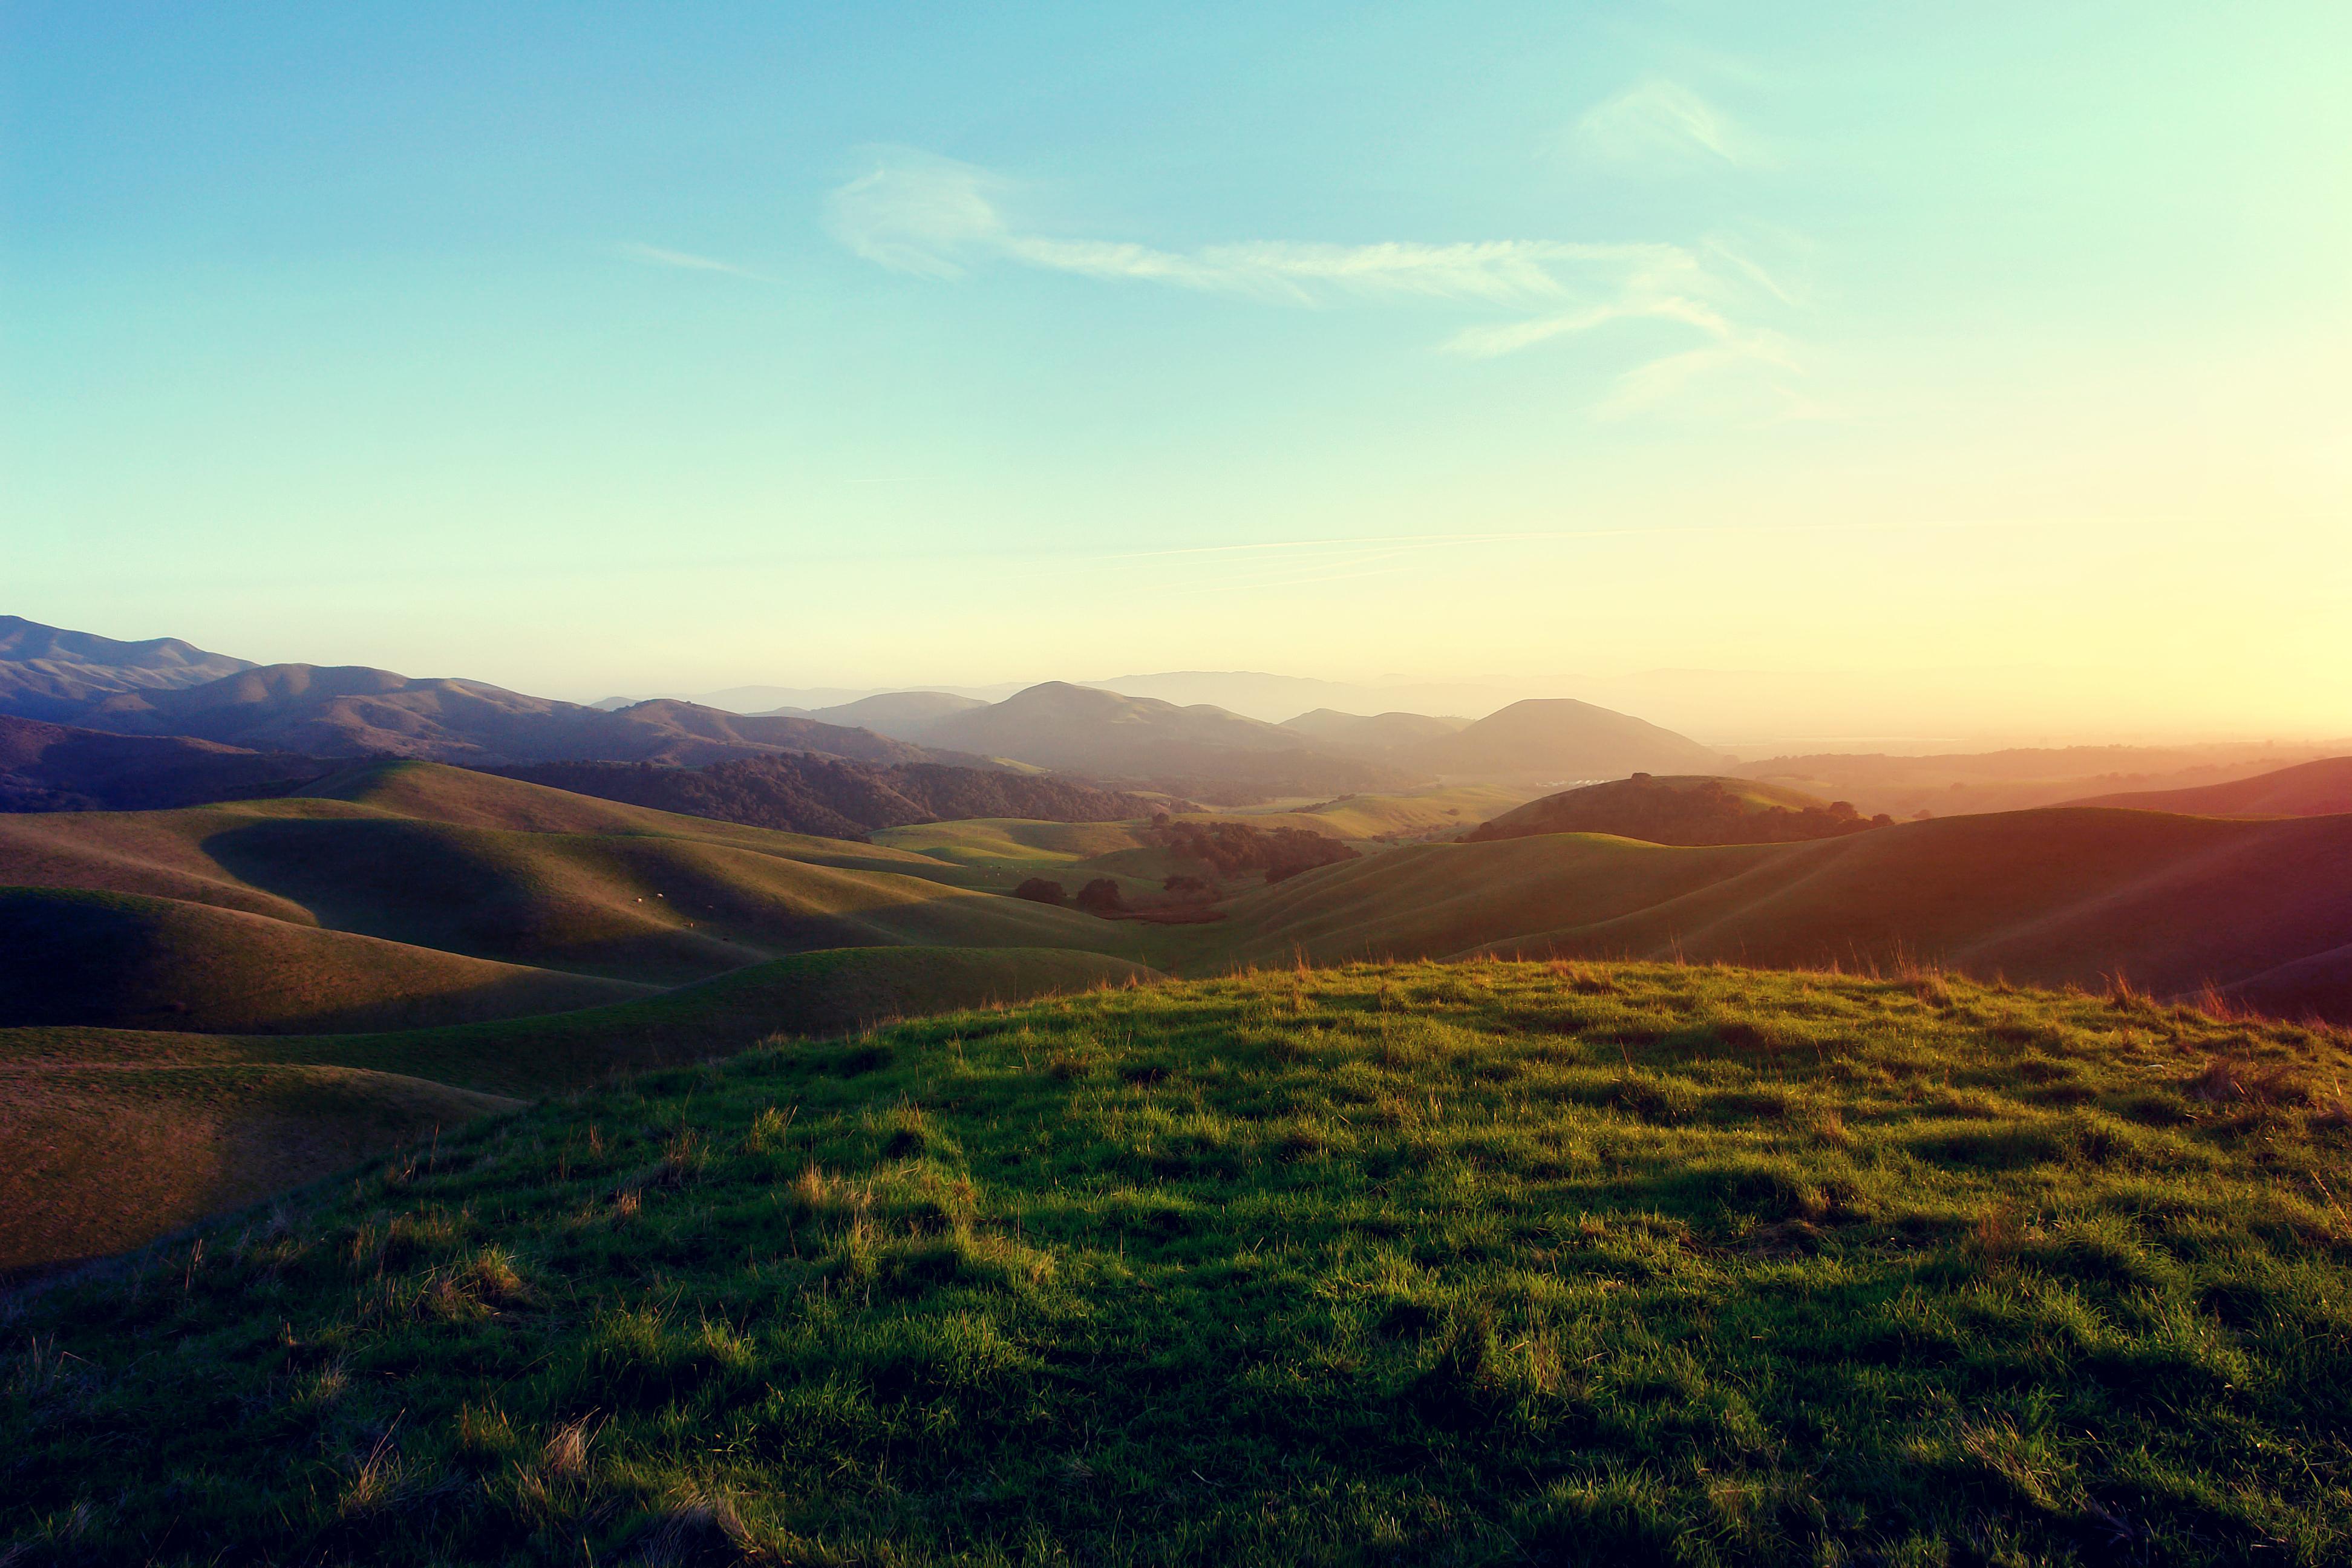 поляна цветы трава холмы горы glade flowers grass hills mountains  № 1829246 без смс